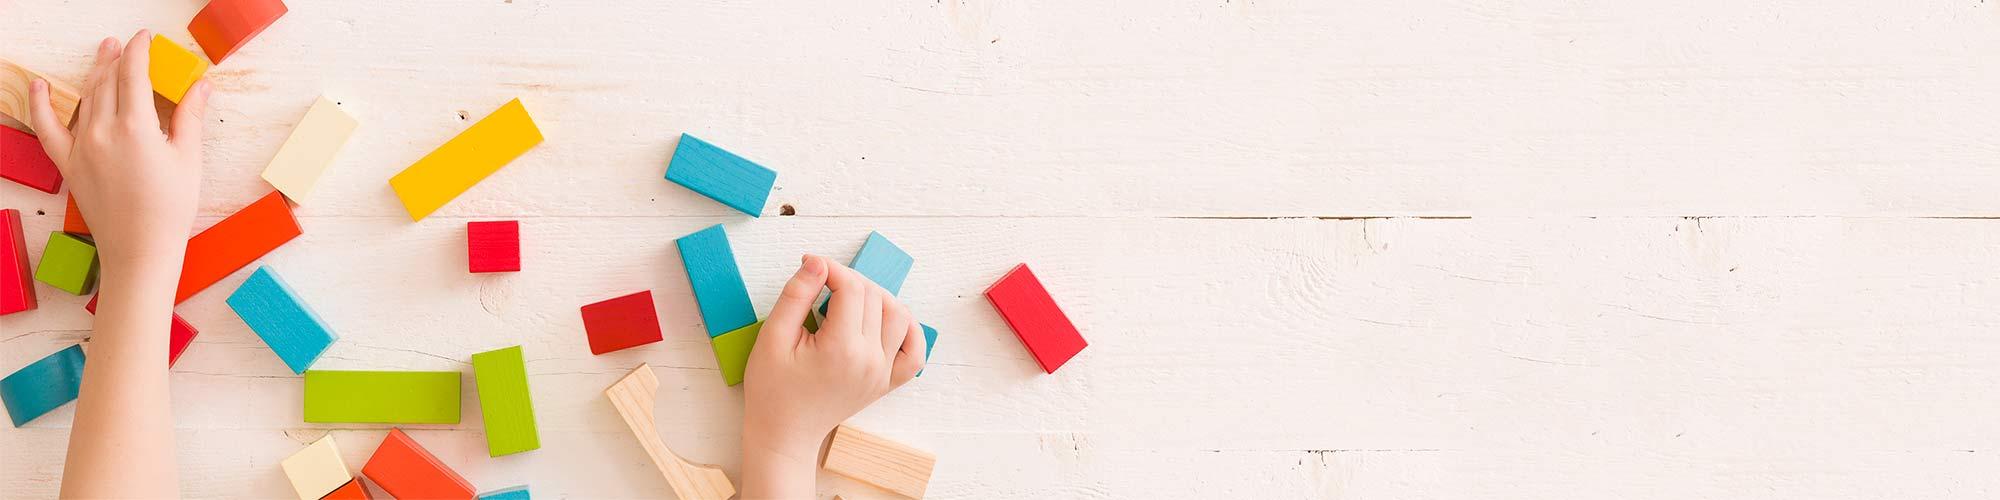 647ee246147 Mänguasjad – suurim mänguasjapood Eestis | Astri.ee